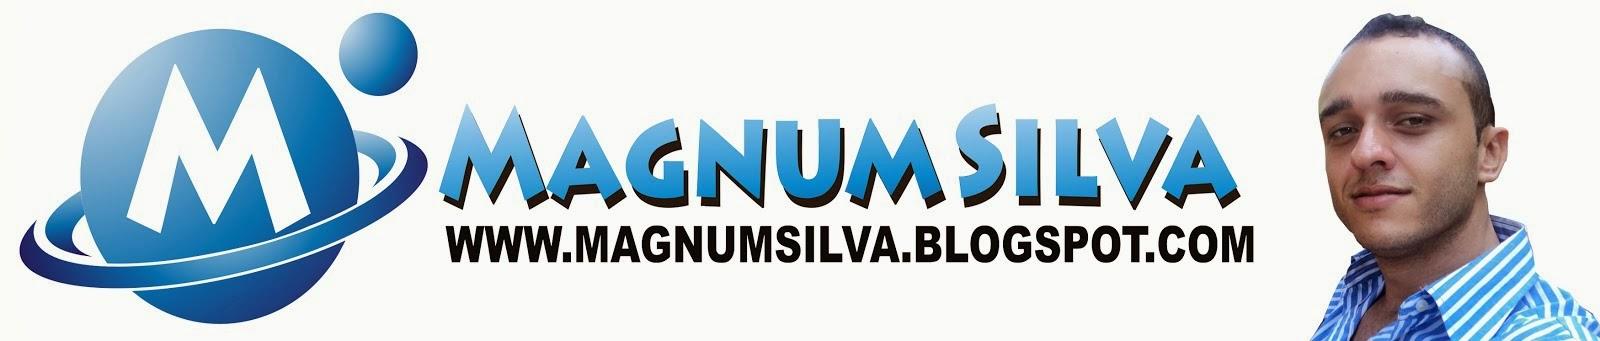 Blog do Magnum Silva informando você desde 2007